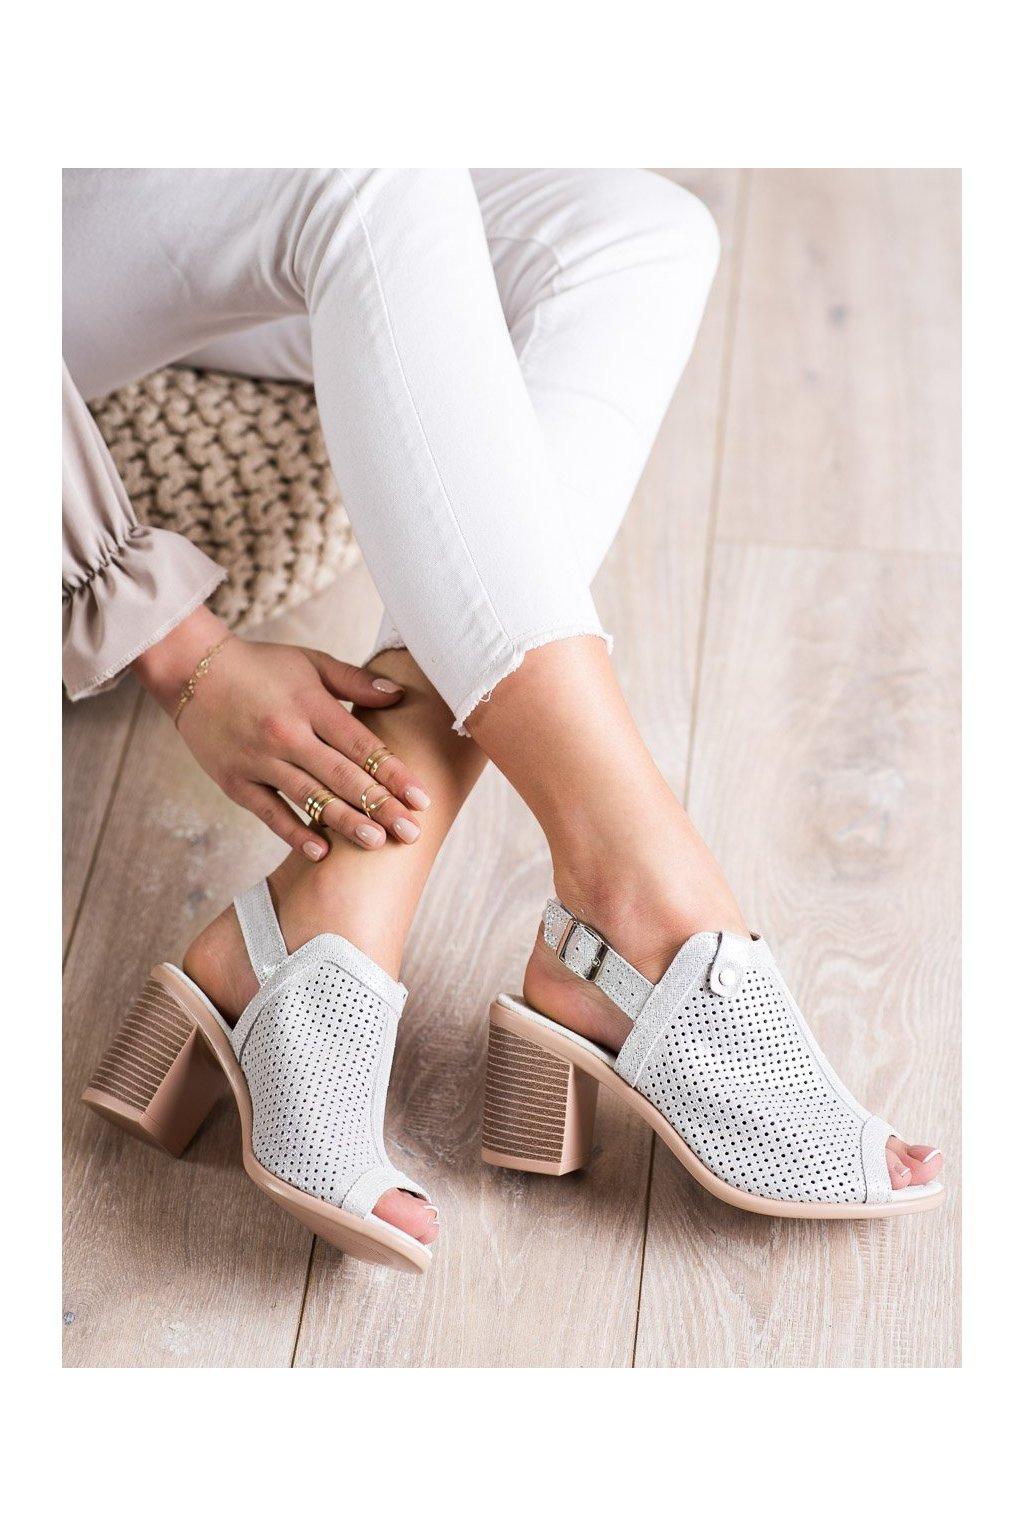 Sivé sandále na podpätku Vinceza kod FT20-8688S